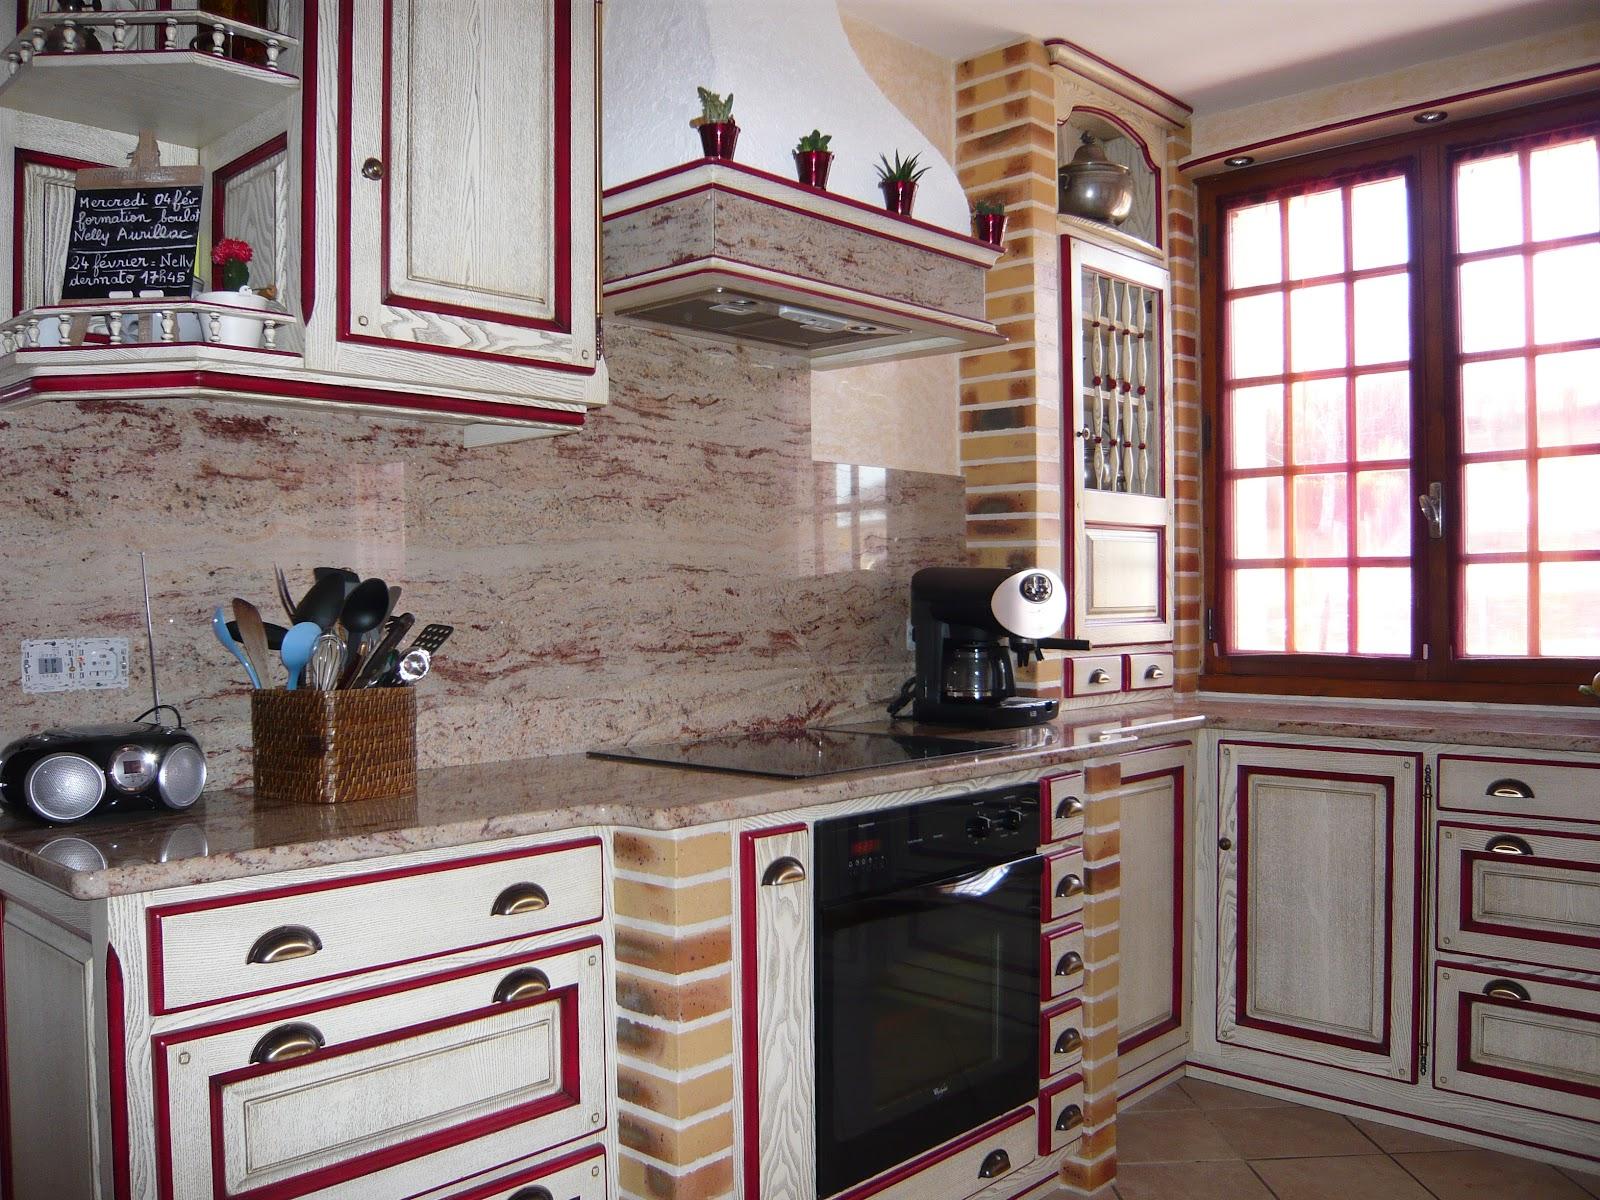 Chambre ado style industriel - Cuisine style atelier industriel ...